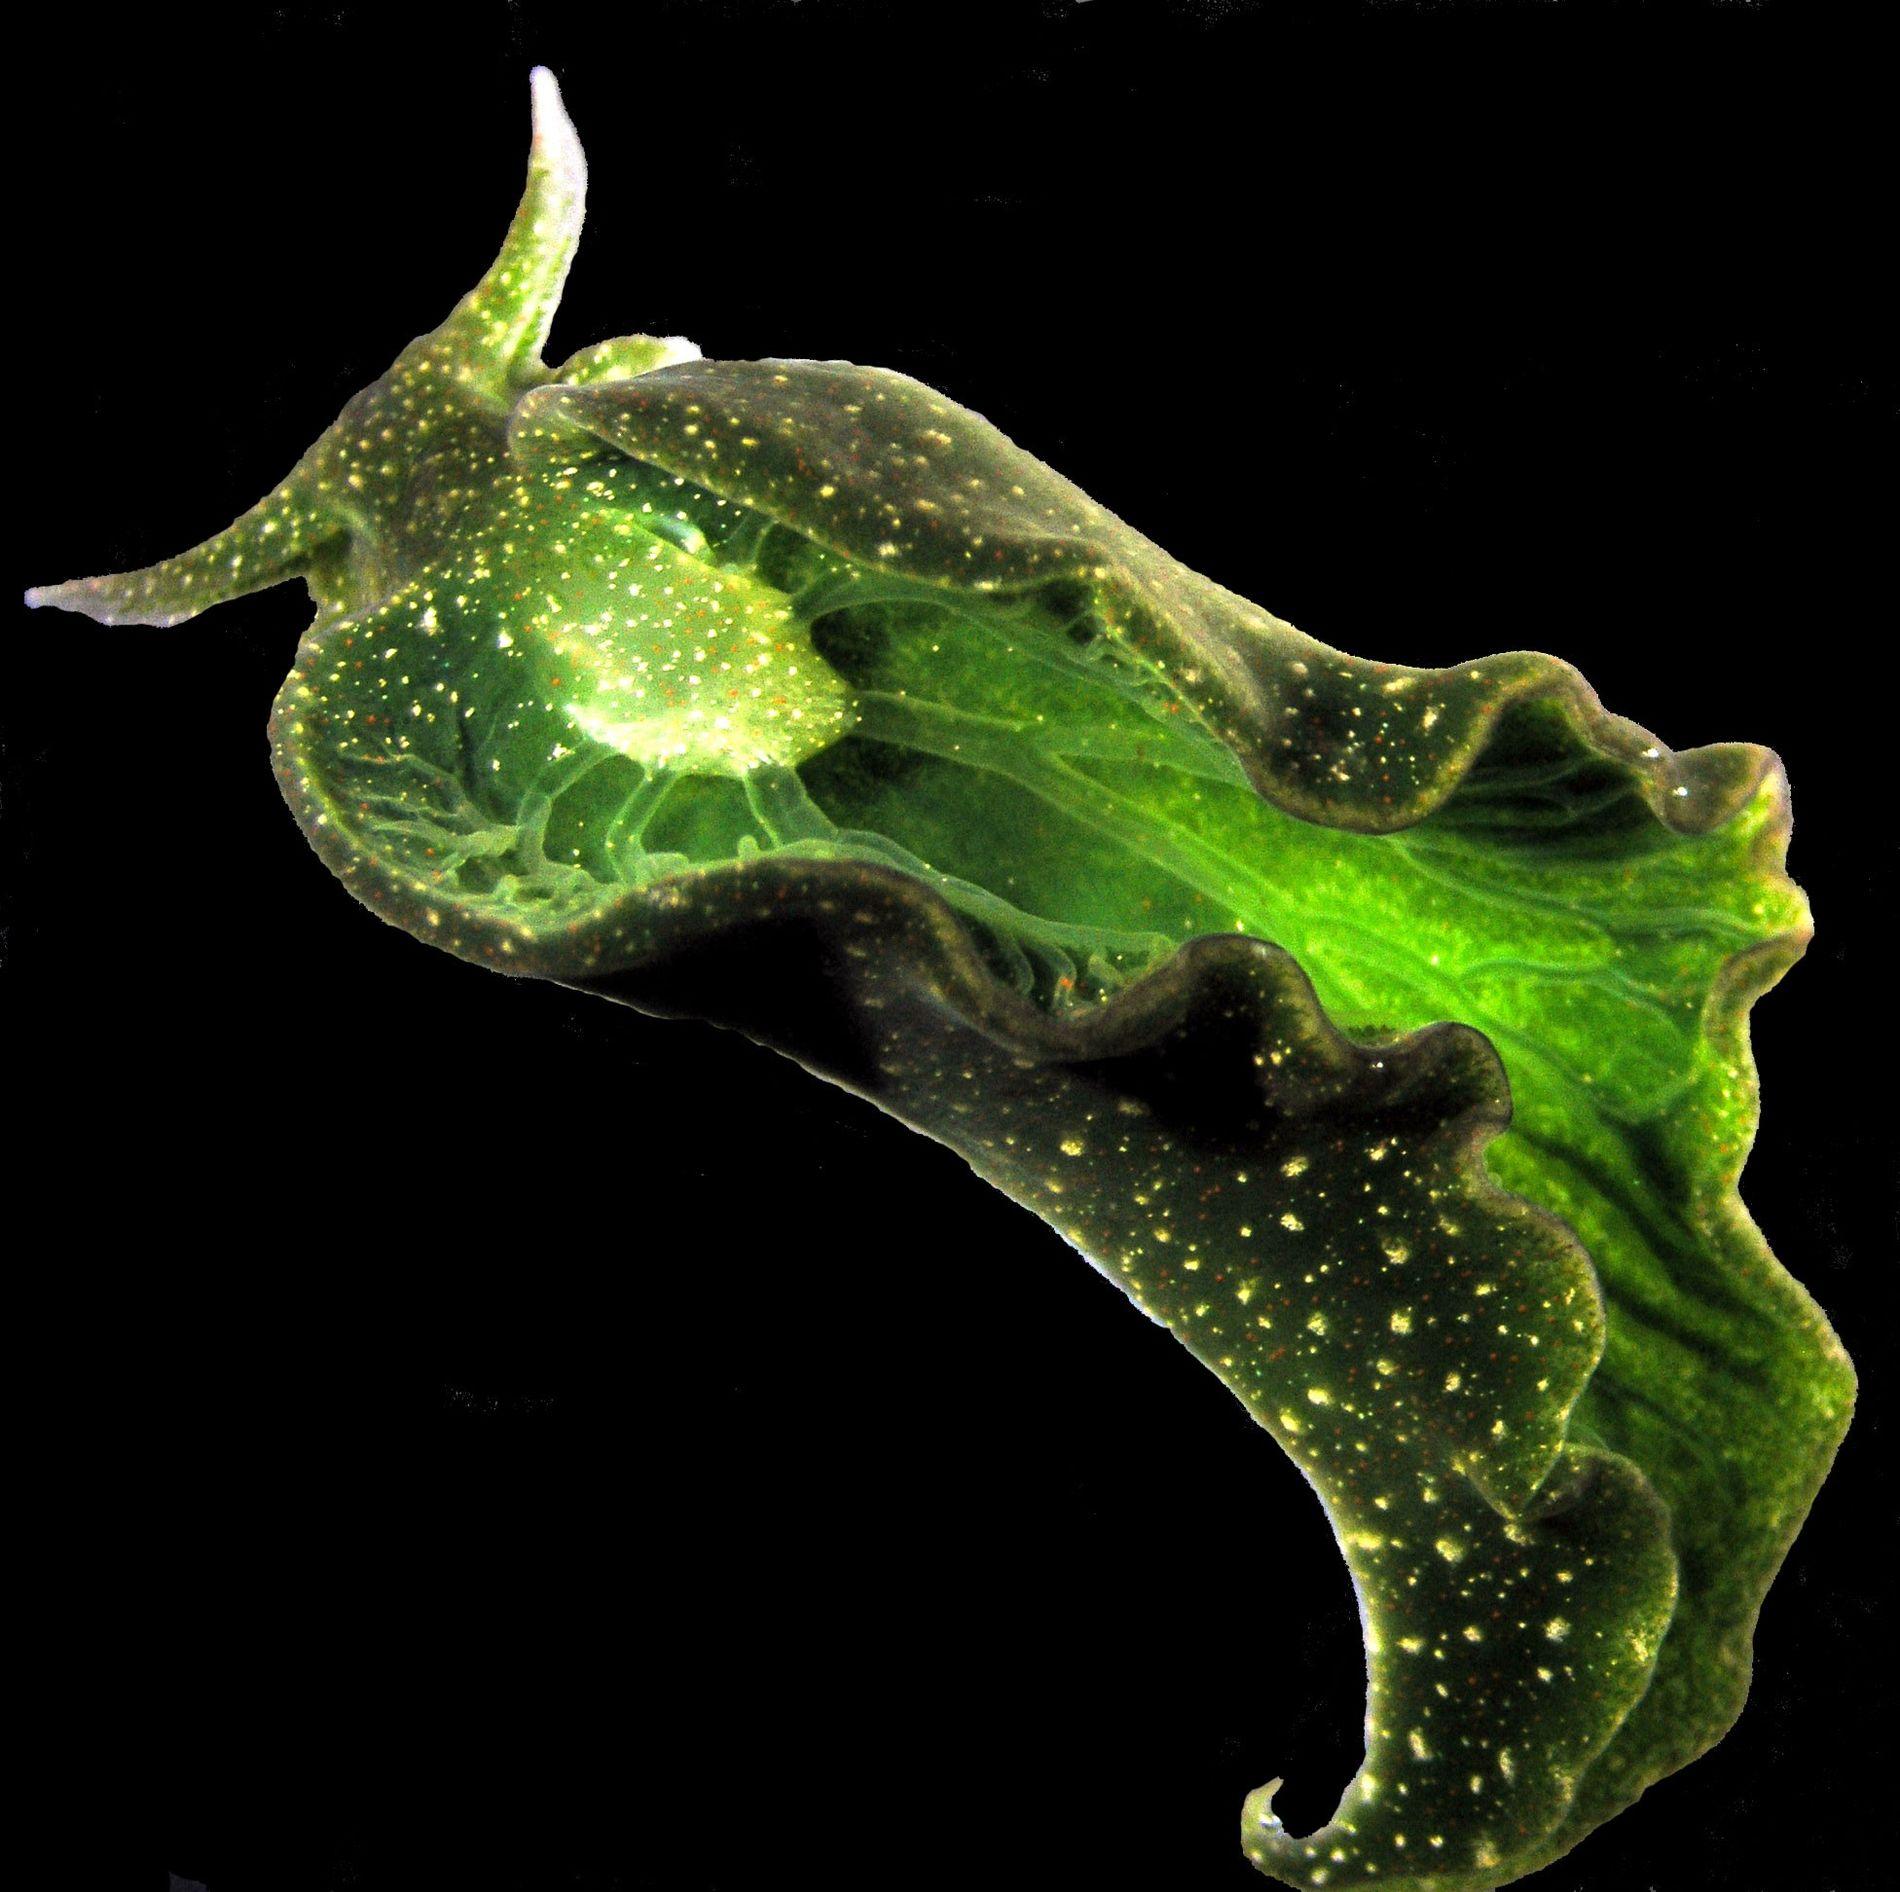 Elysia chlorotica ist eine Meeresschnecke, die vor allem an der Ostküste der USA zu finden ist. ...